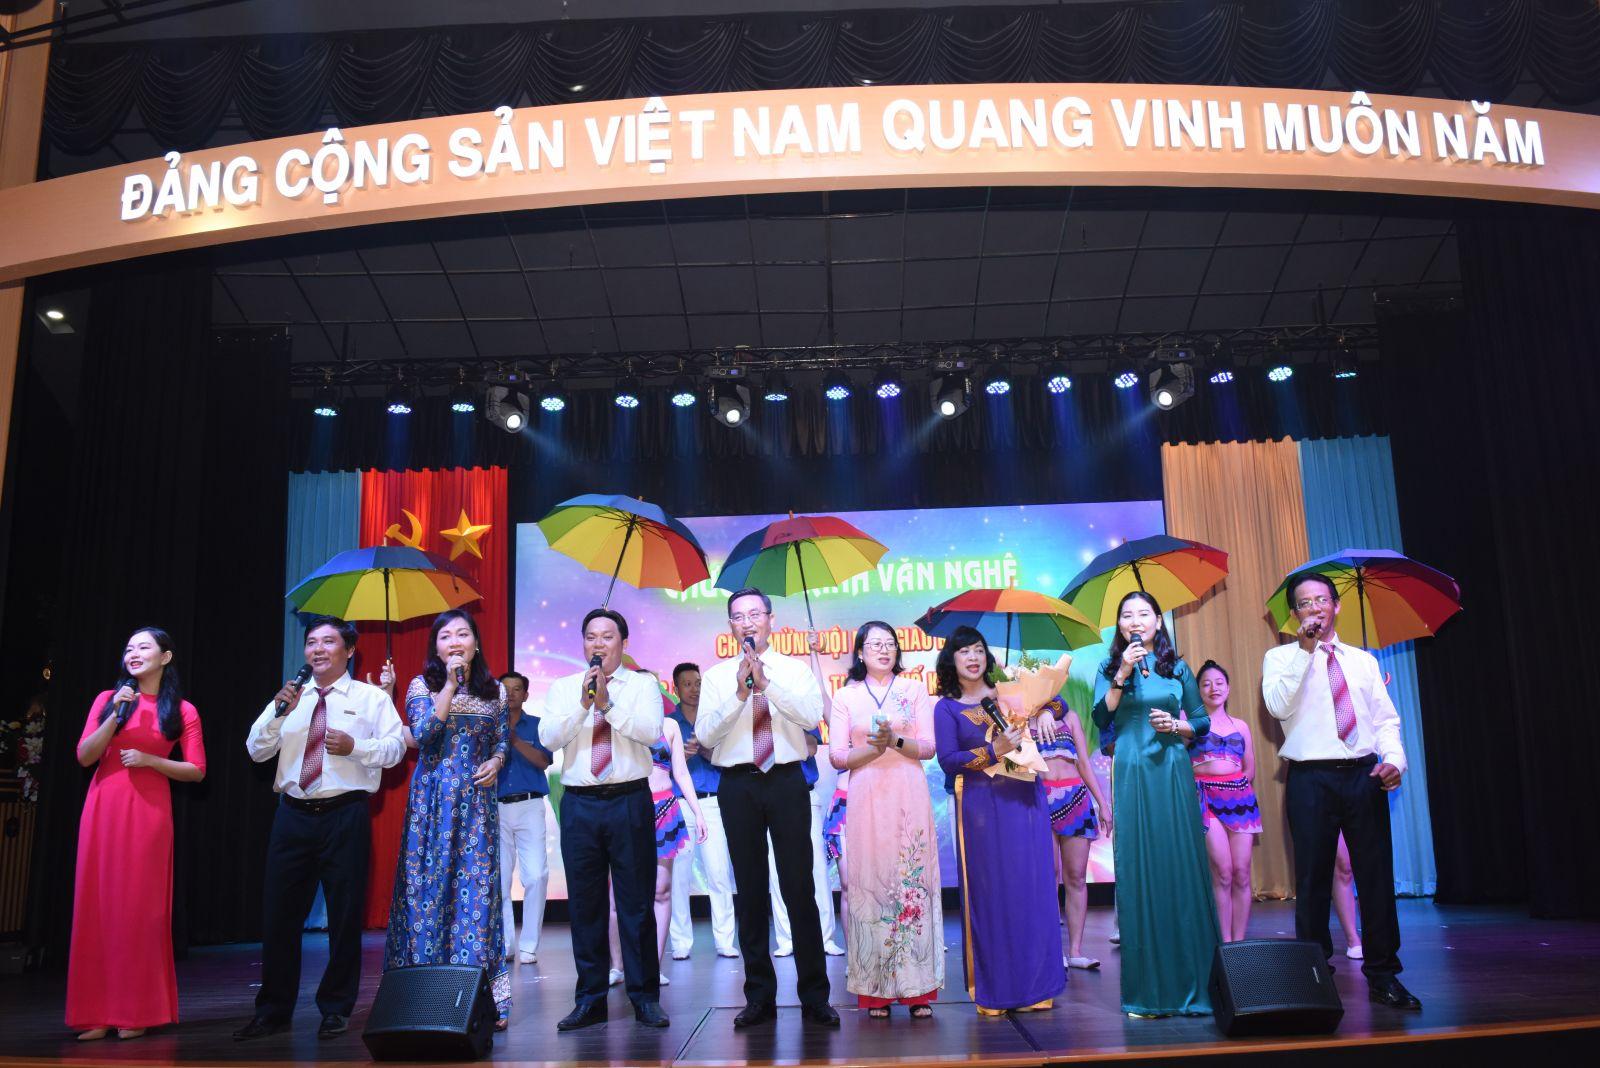 Hình Đảng ủy Khối cơ quan và doanh nghiệp tỉnh Bình Thuận đăng cai tổ chức Hội nghị giao ban Đảng ủy Khối các tỉnh, thành phố trong khu vực Nam Bộ lần thứ XIV - Năm 2020.